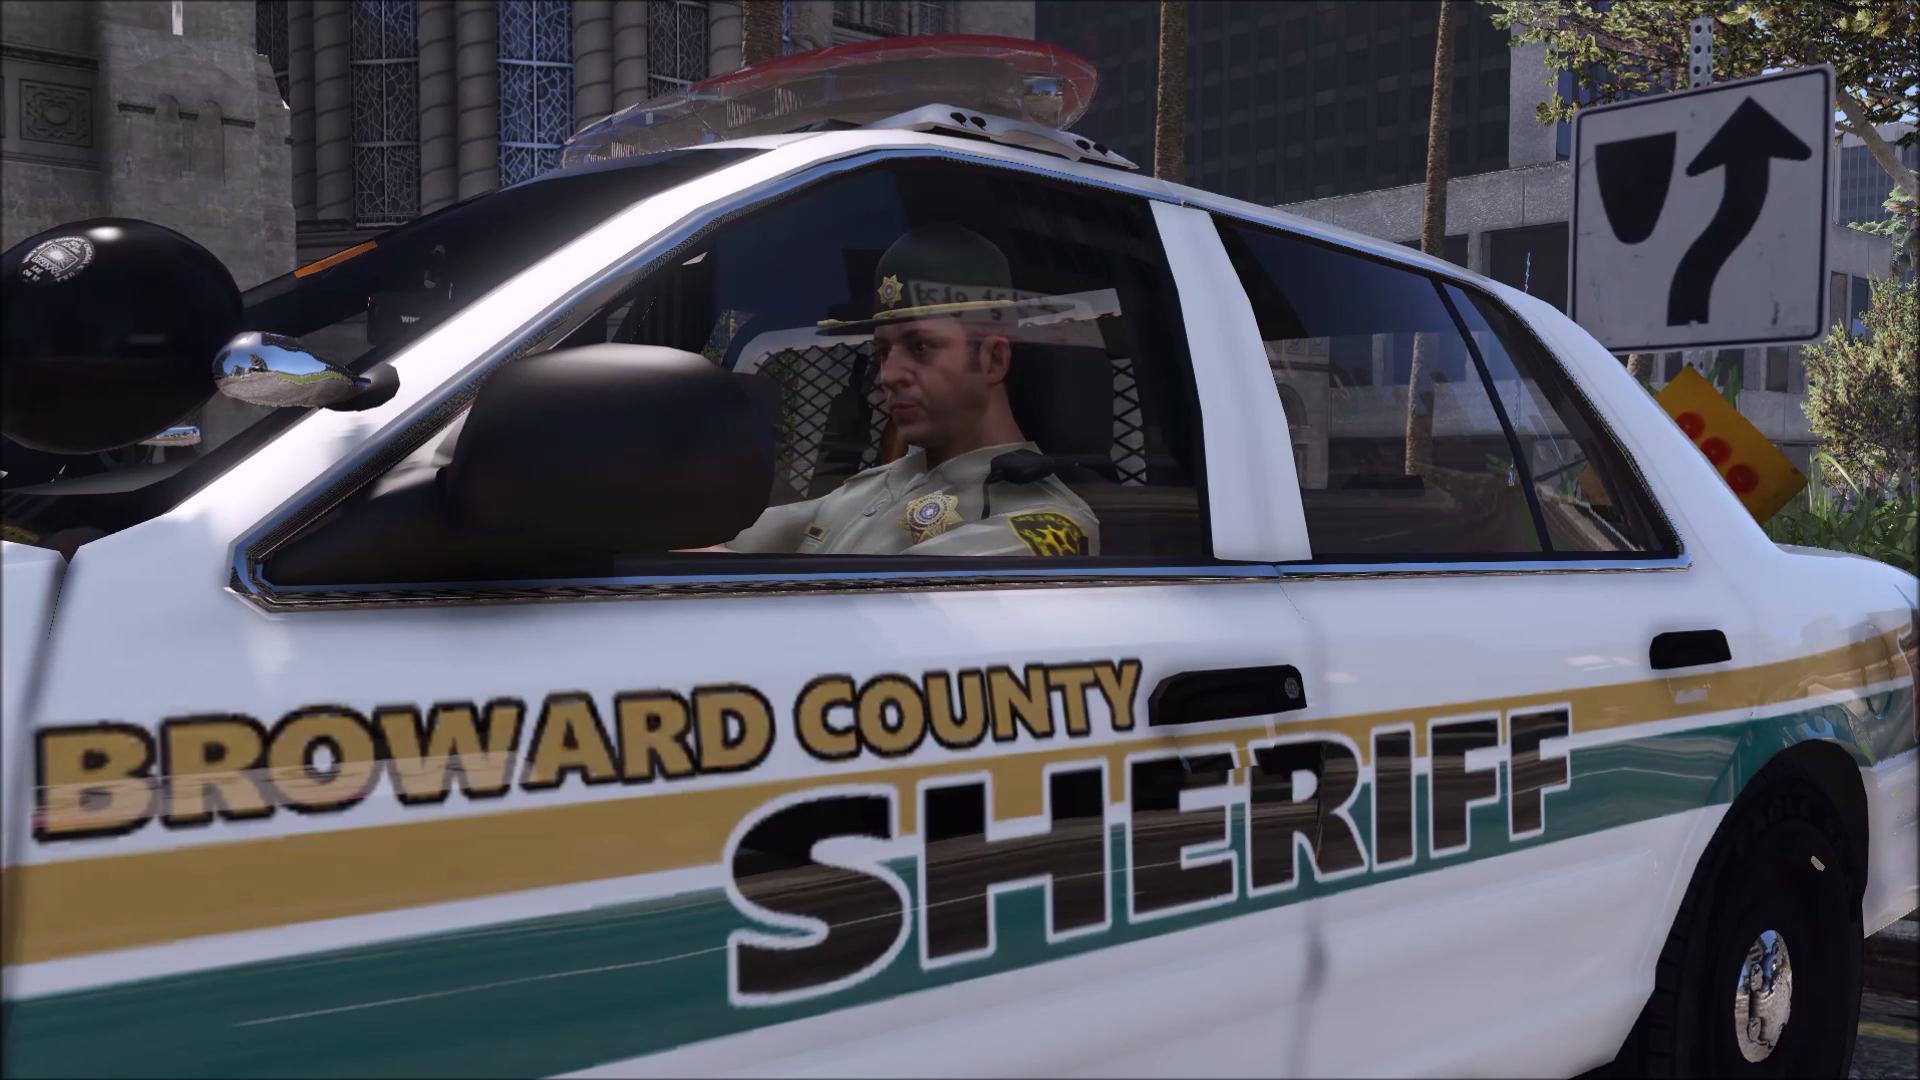 Escort service in broward county florida